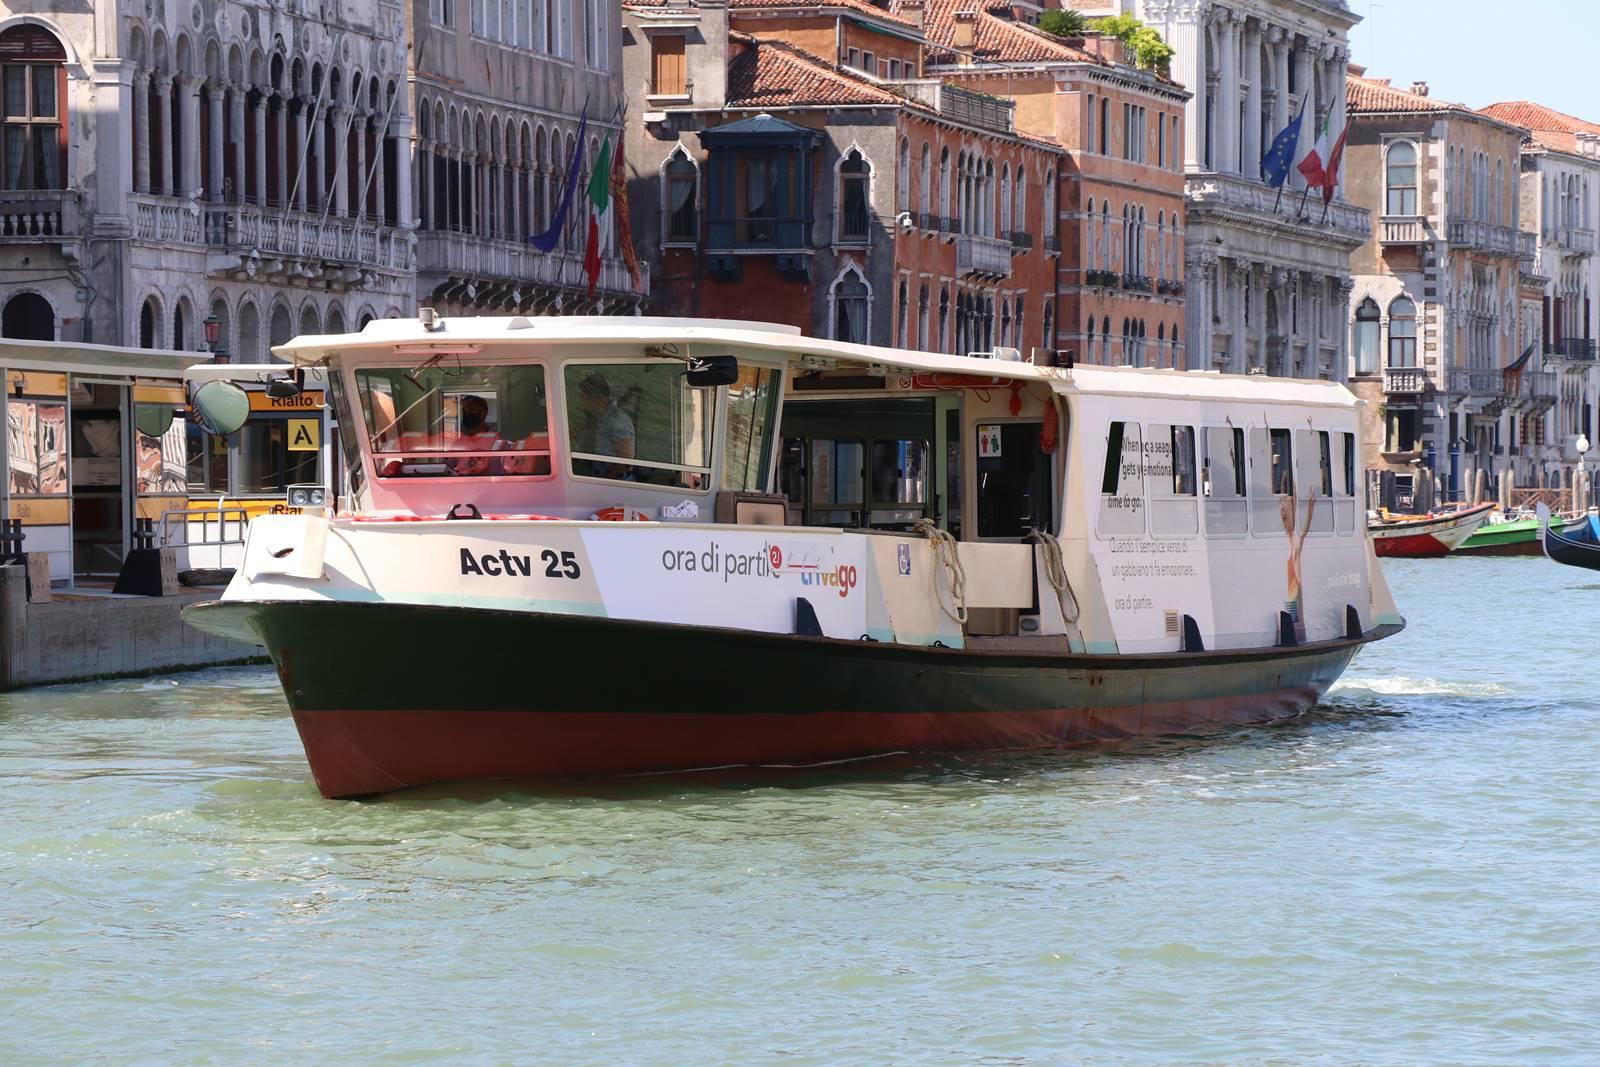 52 Vaporetto Venise